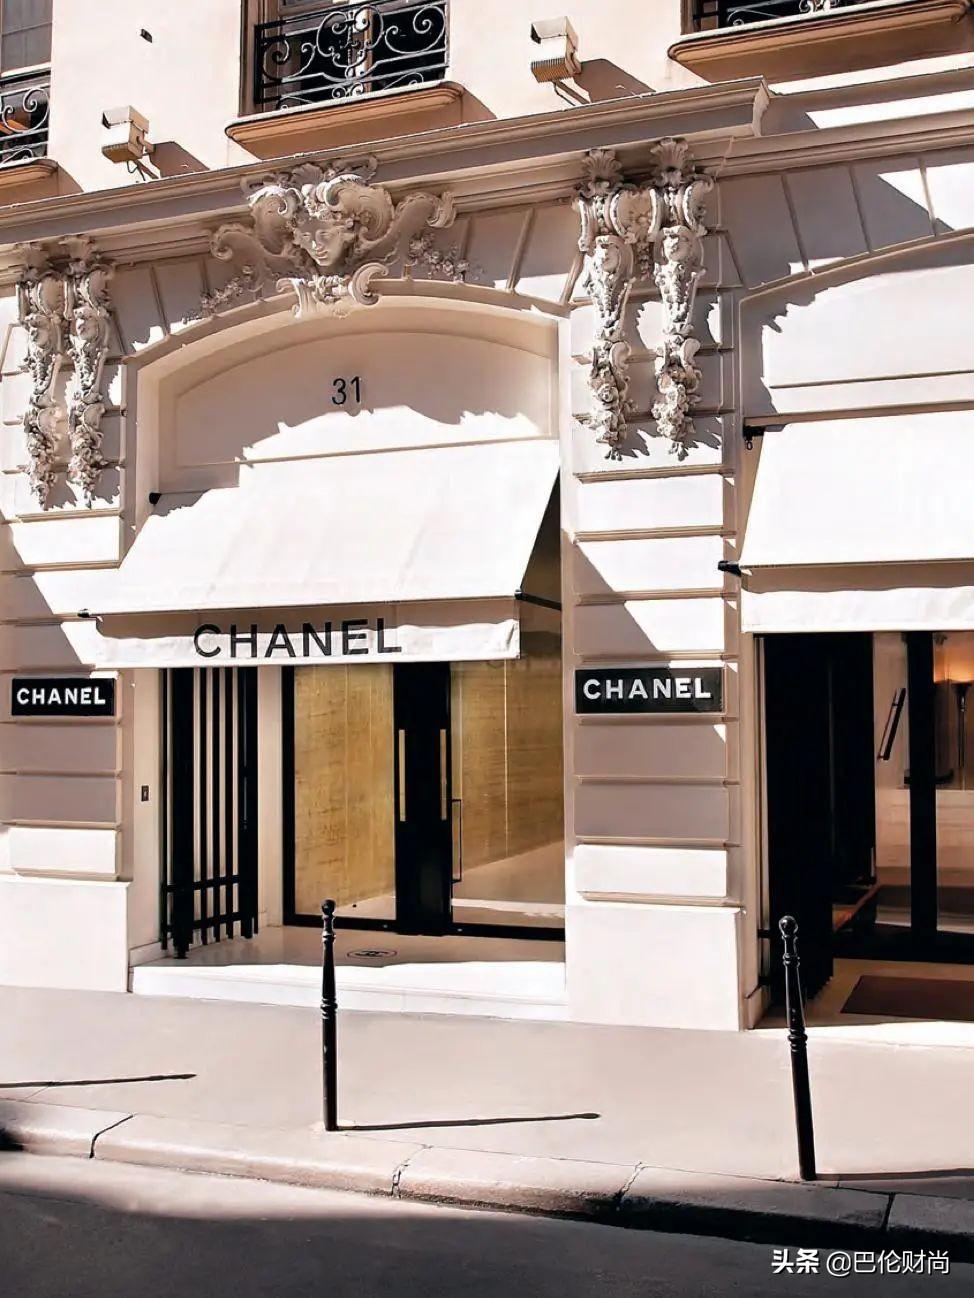 香奈儿山茶花终成正式商标,官宣参加巴黎时装周实体秀